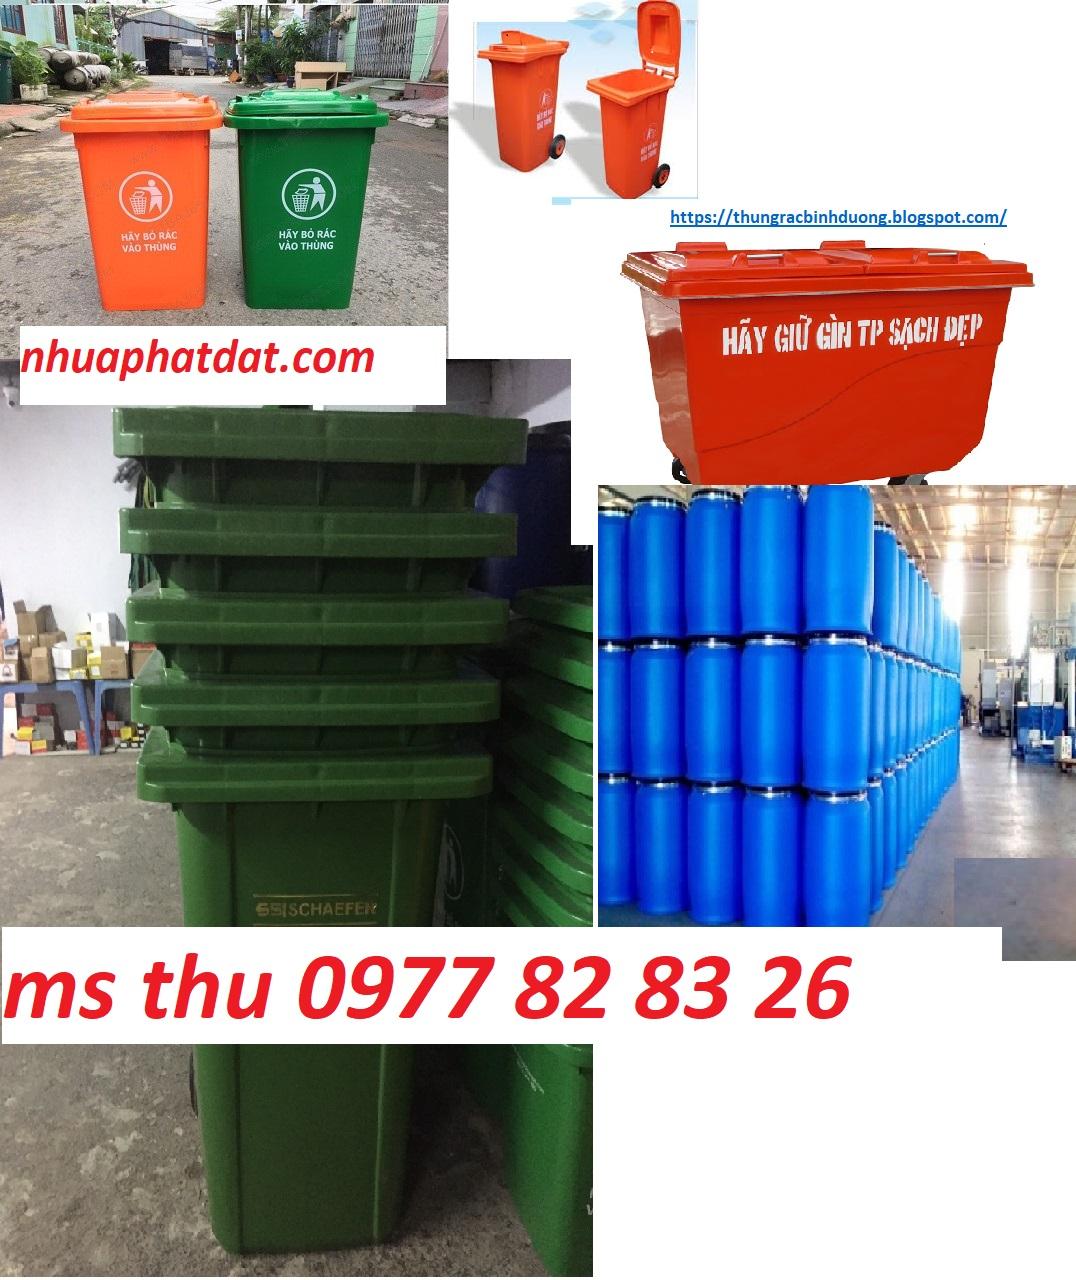 bán các loại thùng rác, thùng rác 60l, 120l, 240l, 660l, thùng phuy